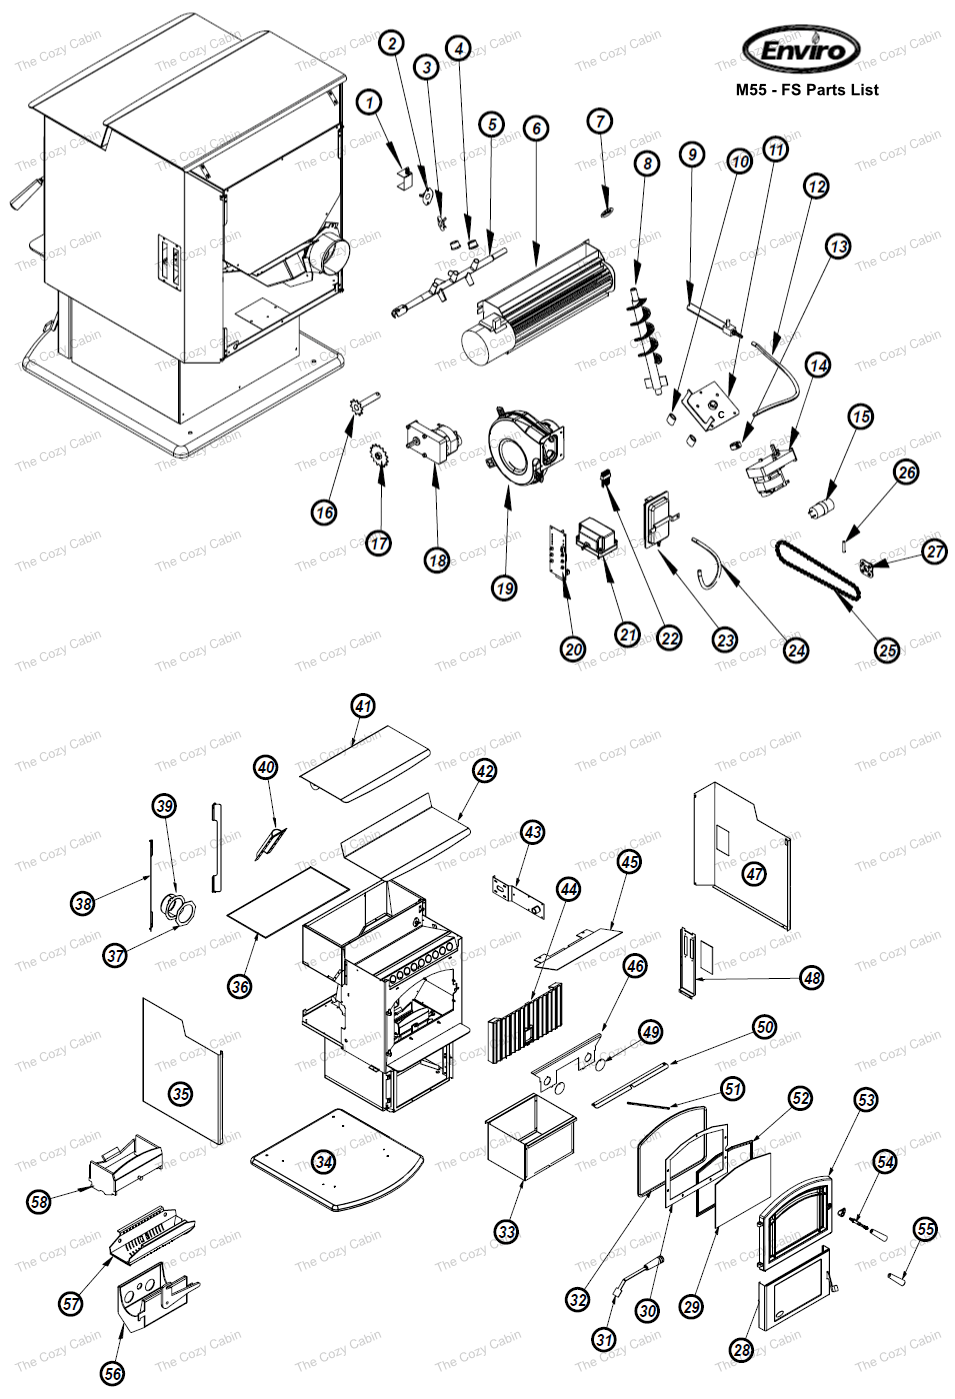 M55-FS (C-13845) Cozy Cabin Enviro Fire Parts Store